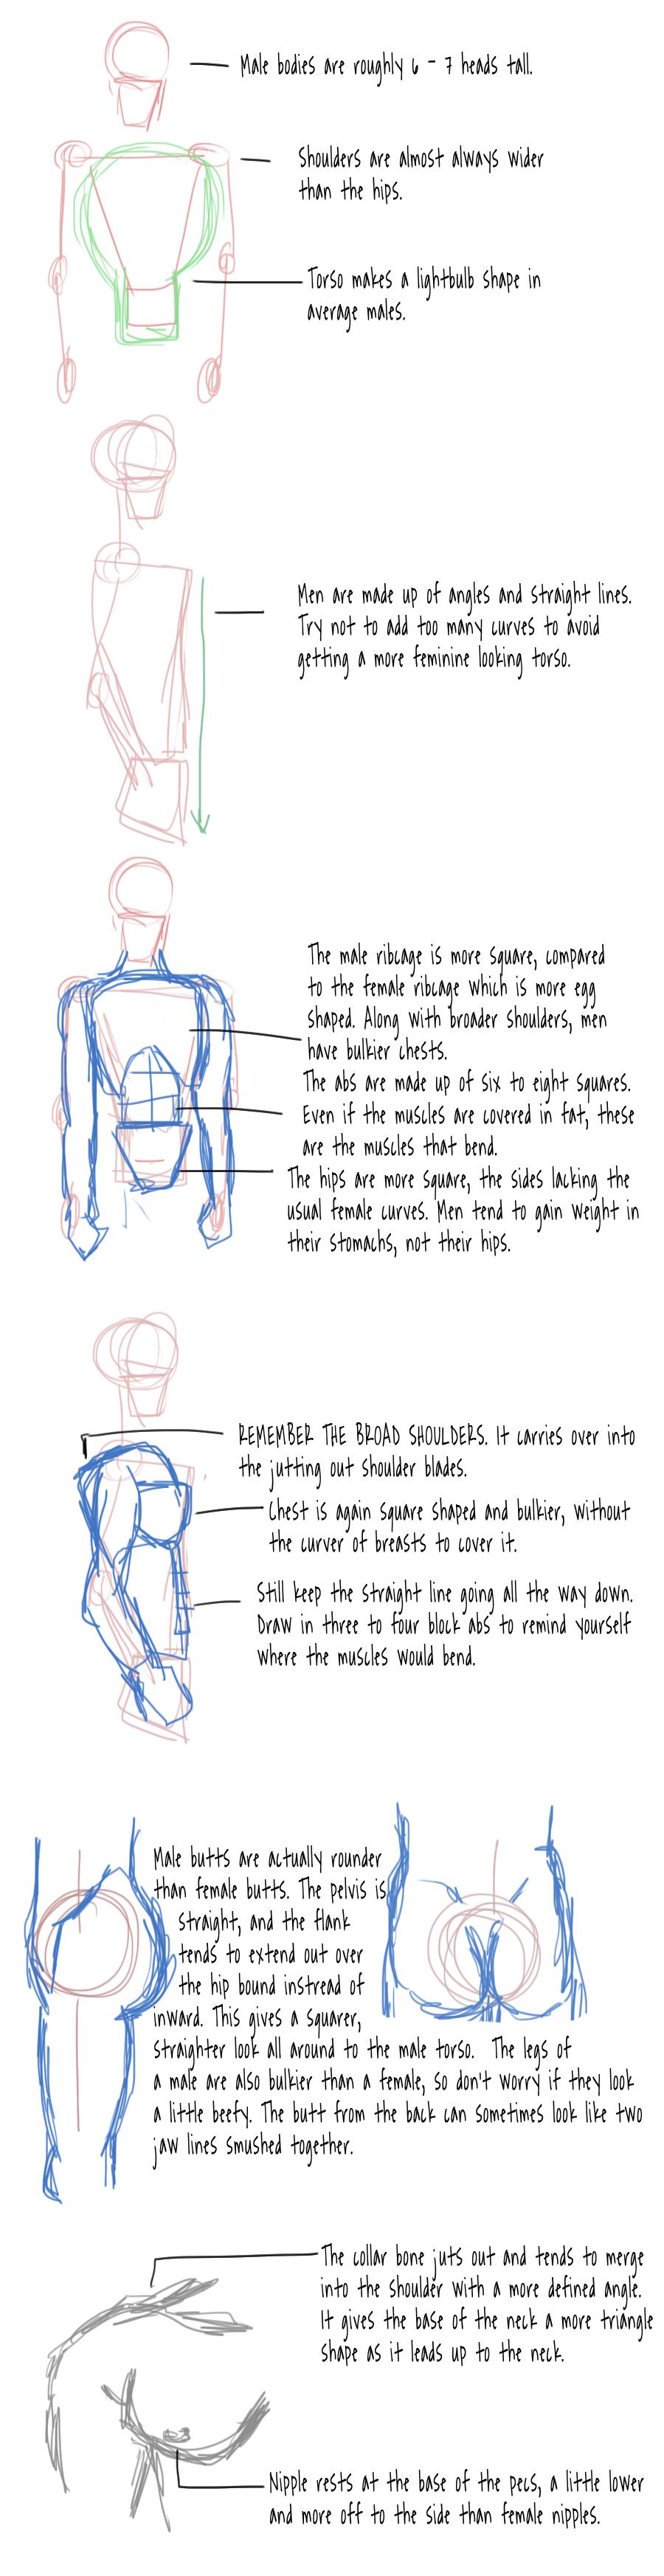 Male Anatomy Tutorial by tony-dinozzo on DeviantArt